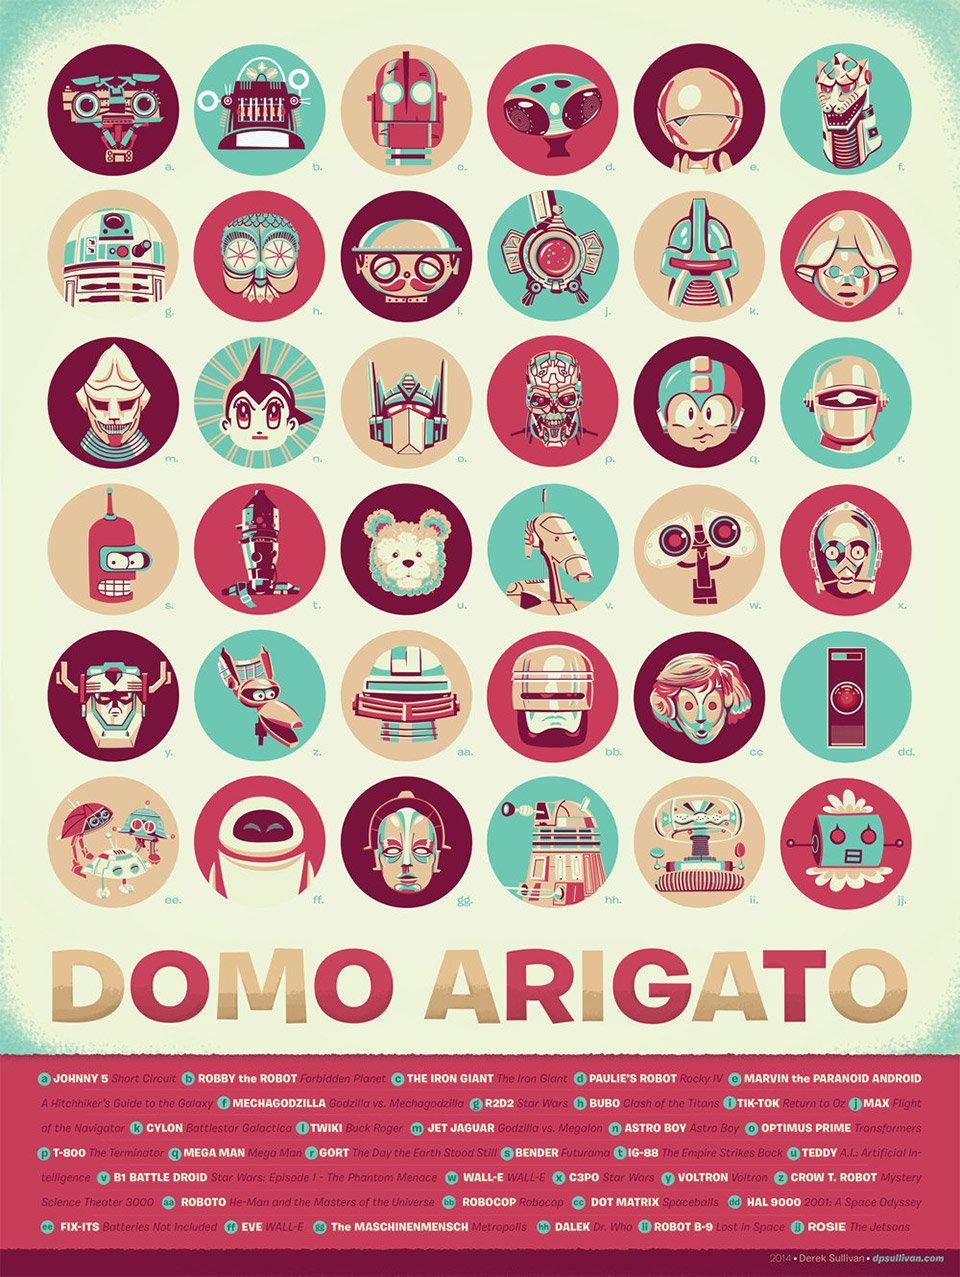 Domo Arigato Poster